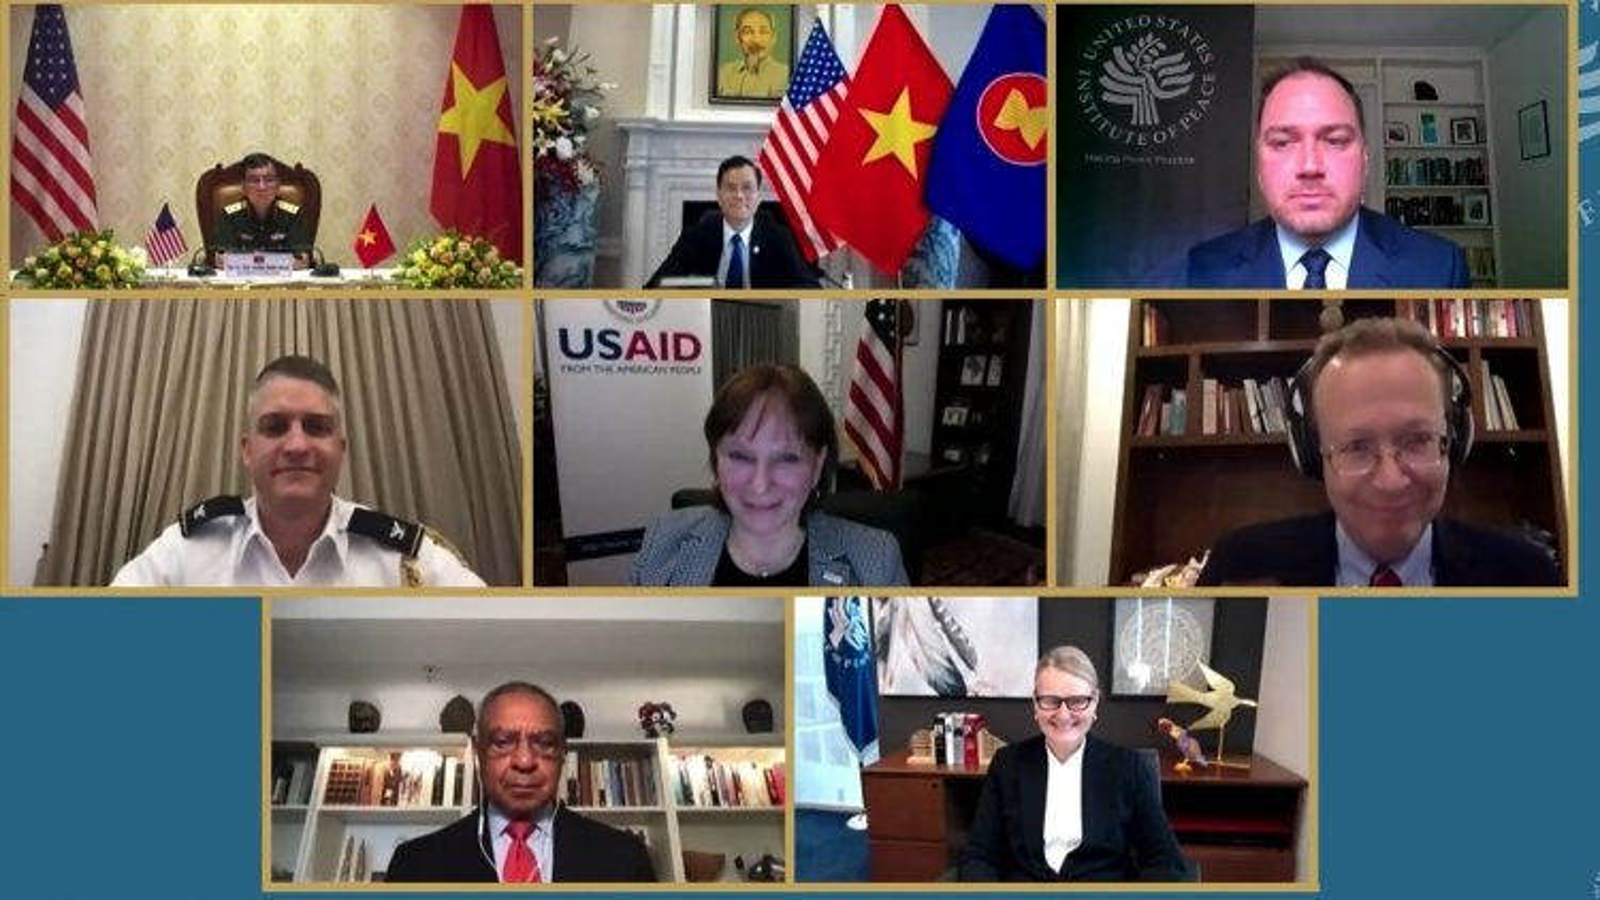 Viện Hòa bình Mỹ tổ chức hội thảo về khắc phục hậu quả chiến tranh Việt Nam